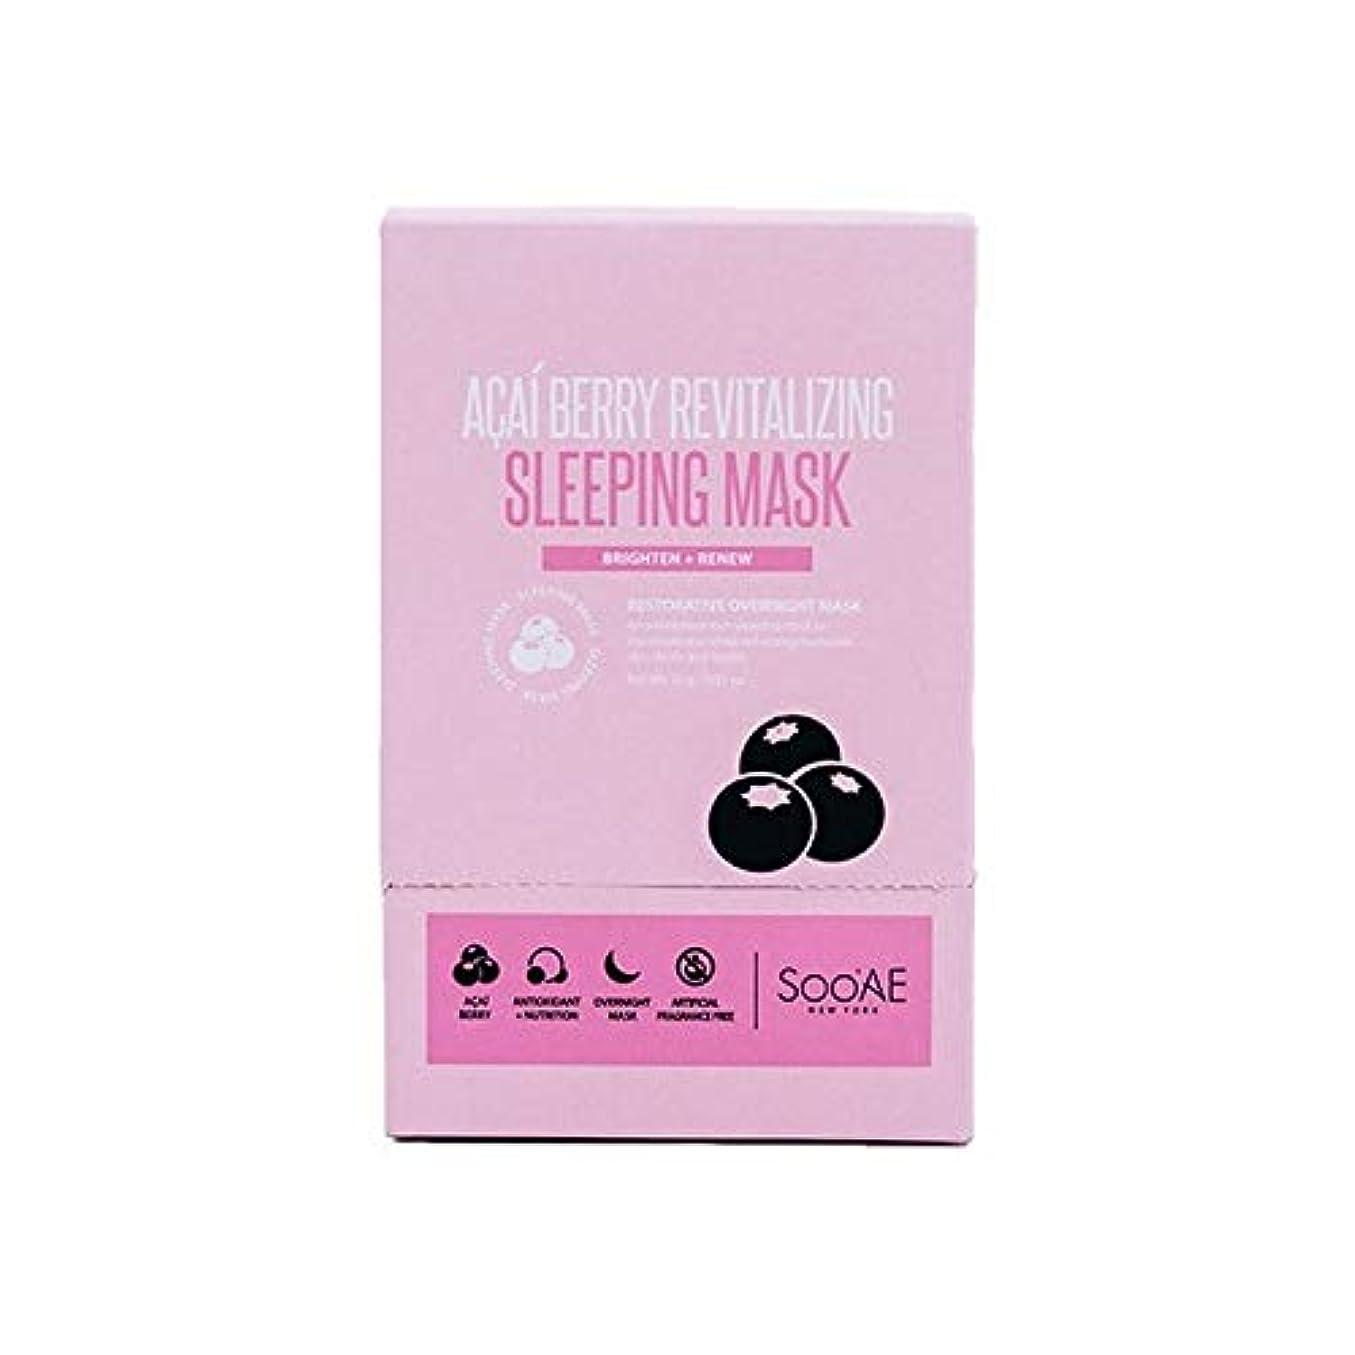 主観的反対に投獄[SooAe] Soo'Aeアサイベリー睡眠マスク10グラム - Soo'Ae Acai Berry Sleeping Mask 10g [並行輸入品]